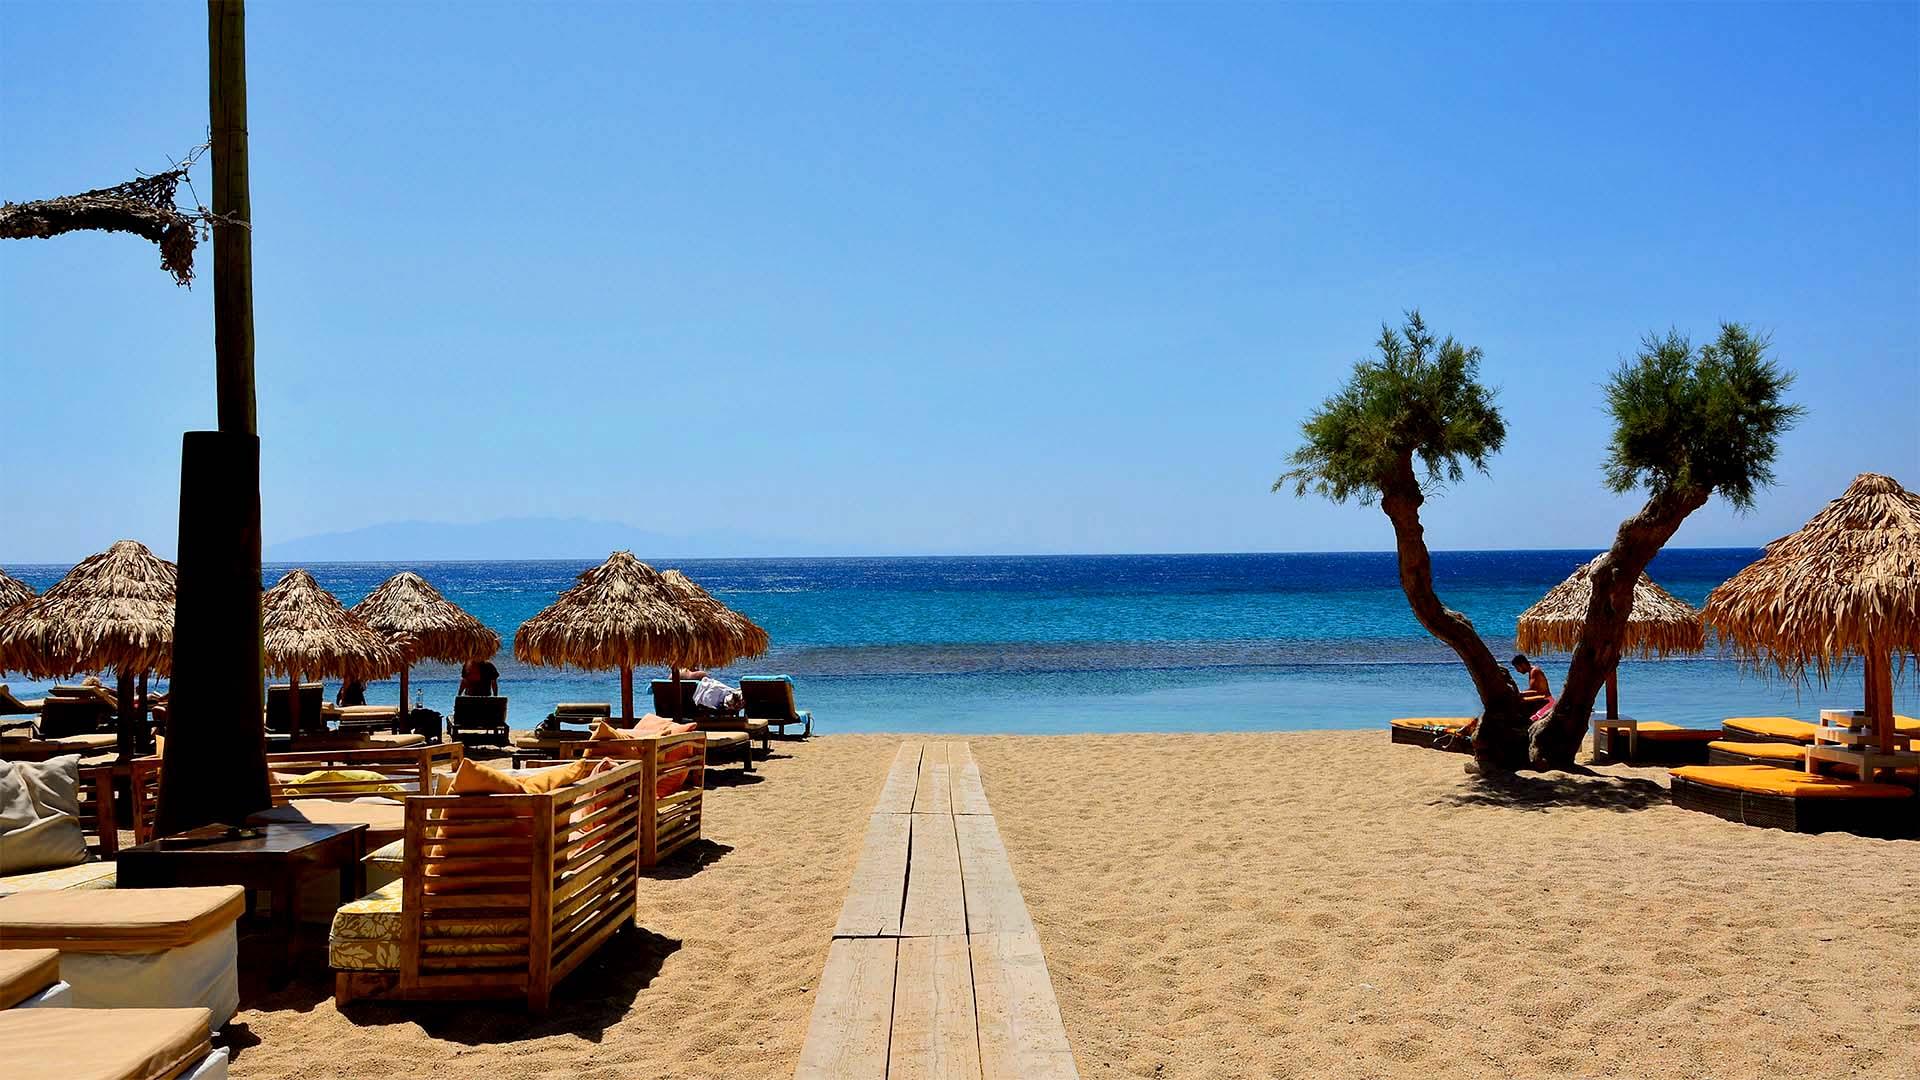 ۱۰تا از بهترین سواحل یونان برای سفر در تابستان